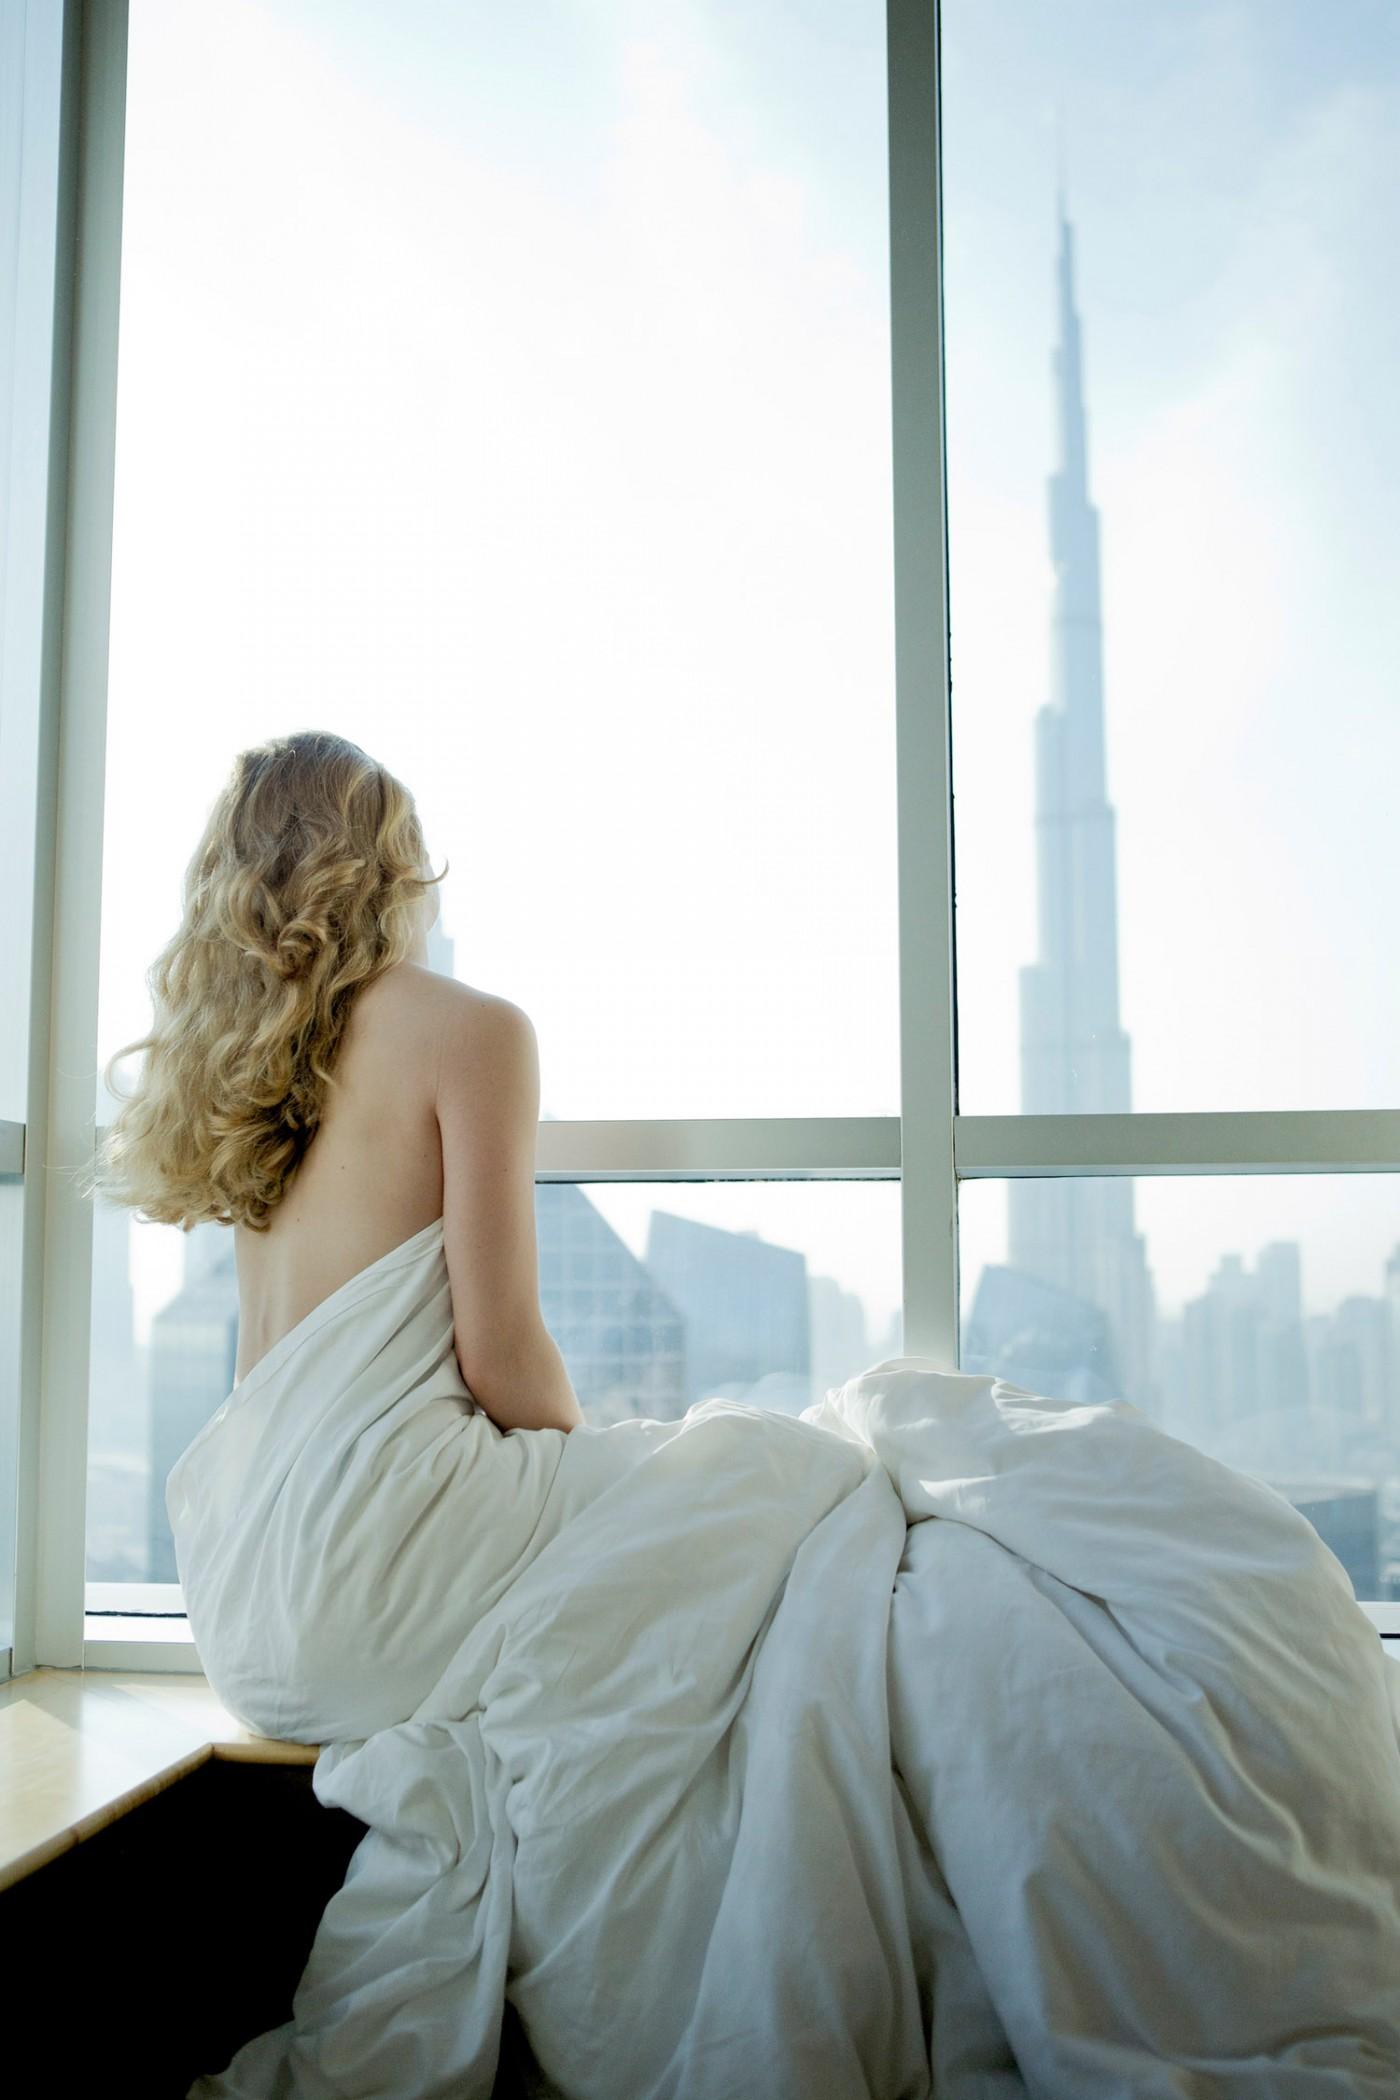 shangri-la dubai hotel _ dubai luxury hotel